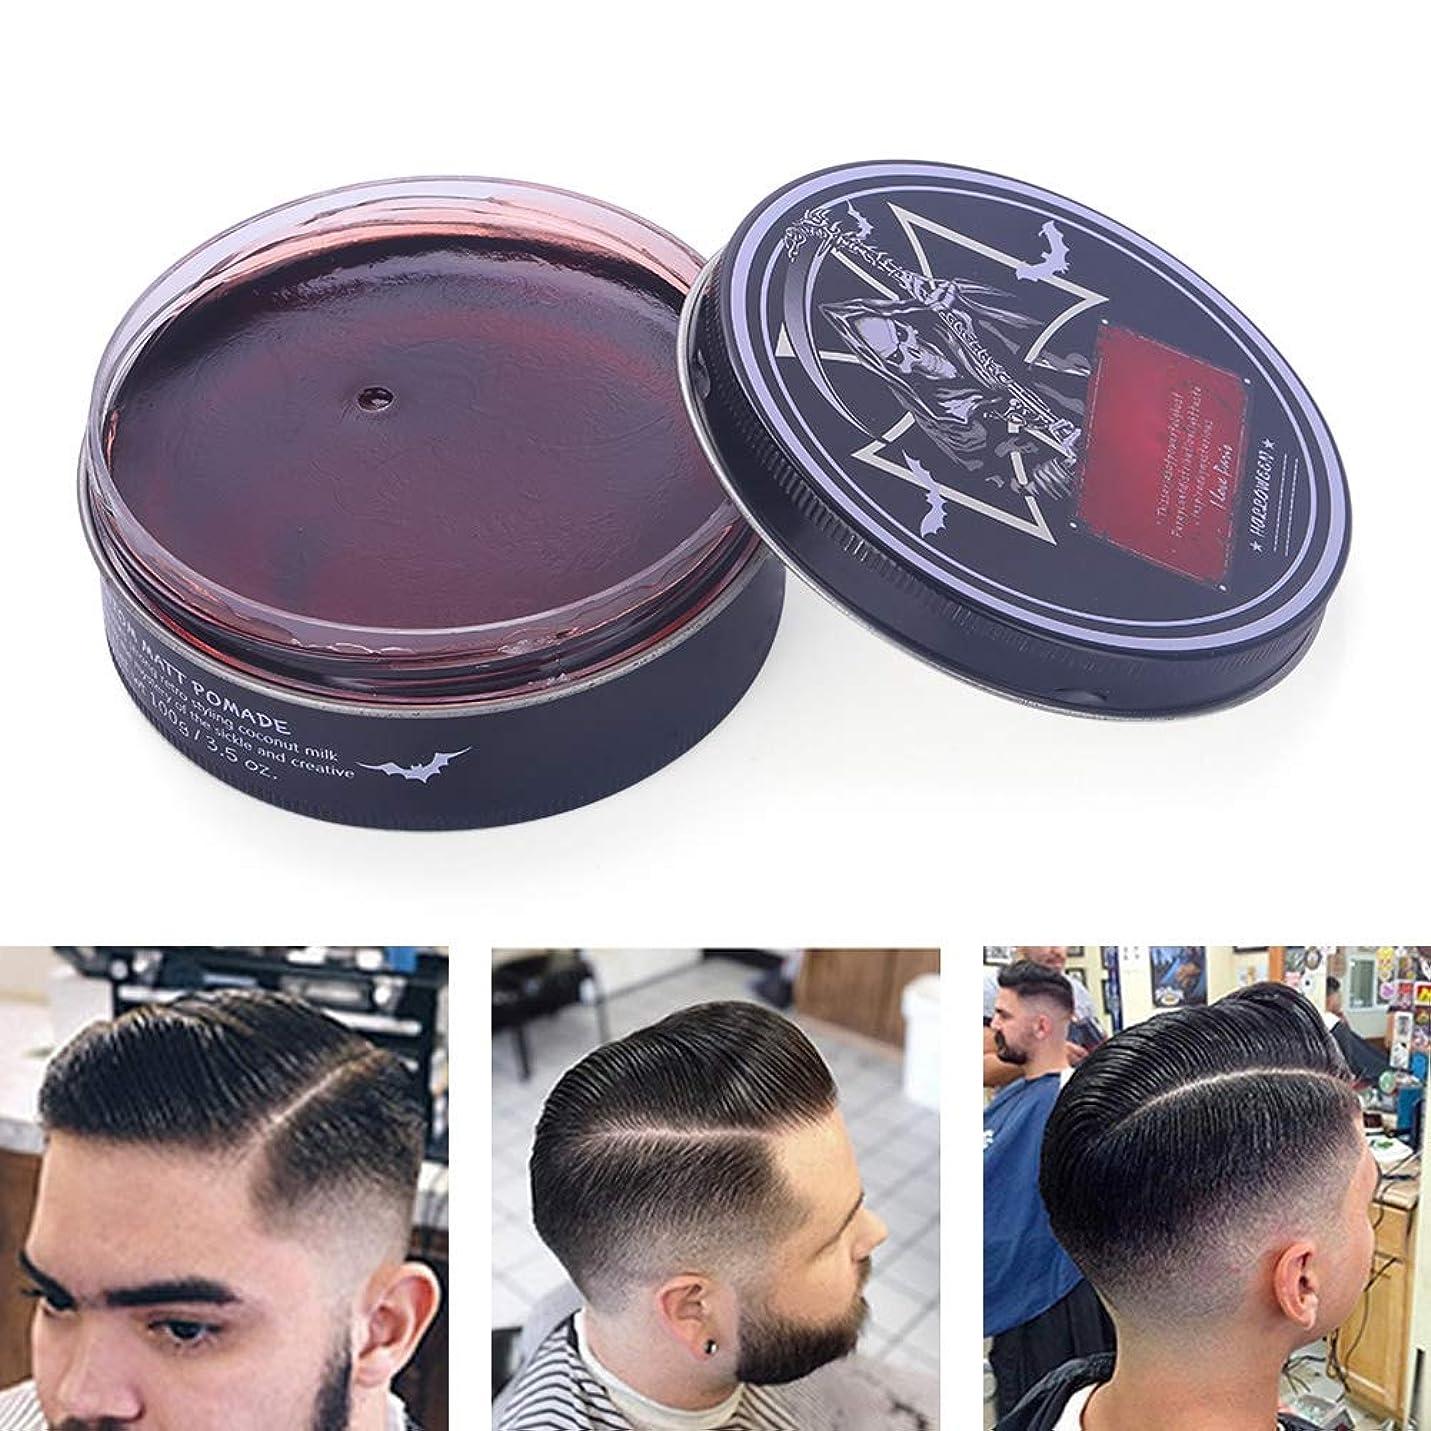 学習ベッツィトロットウッド先例プロのヘアスタイリング100ミリリットルを設計するための男性のためのヘアスタイリングワックス、ナチュラルおよび有機成分ヘアスタイリング粘土